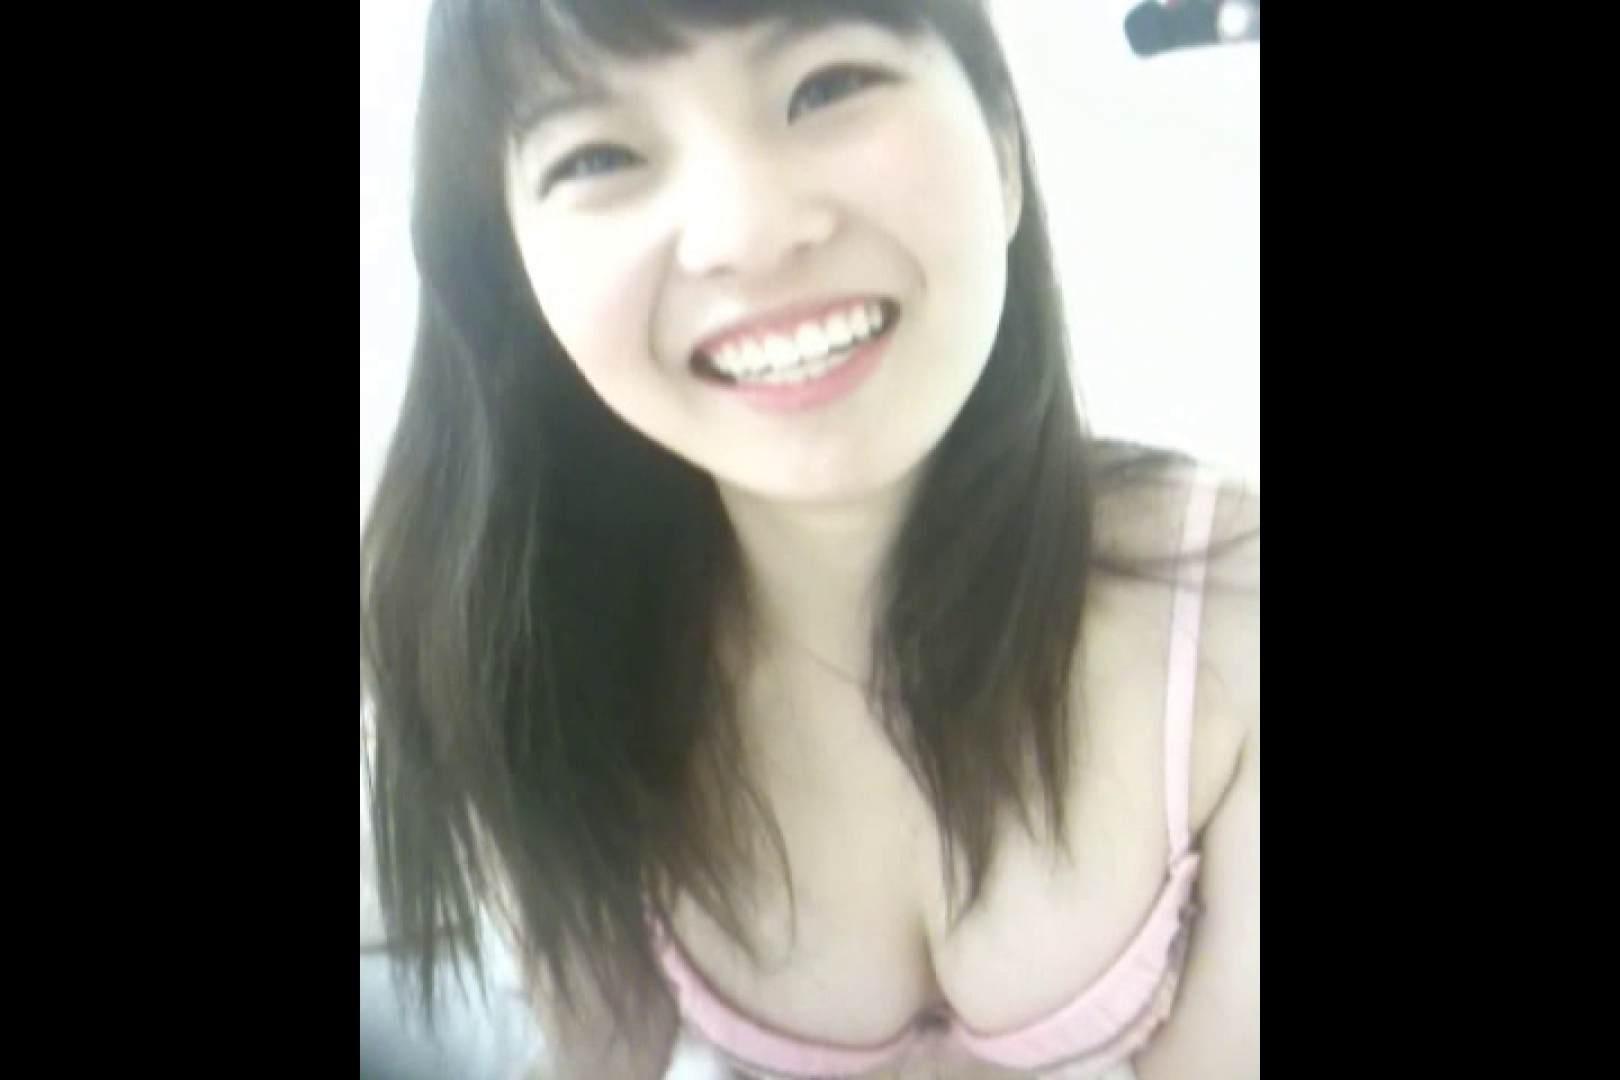 素人流出動画 AMIちゃんYUMIちゃんの秘密の携帯ムービー 素人  48連発 18